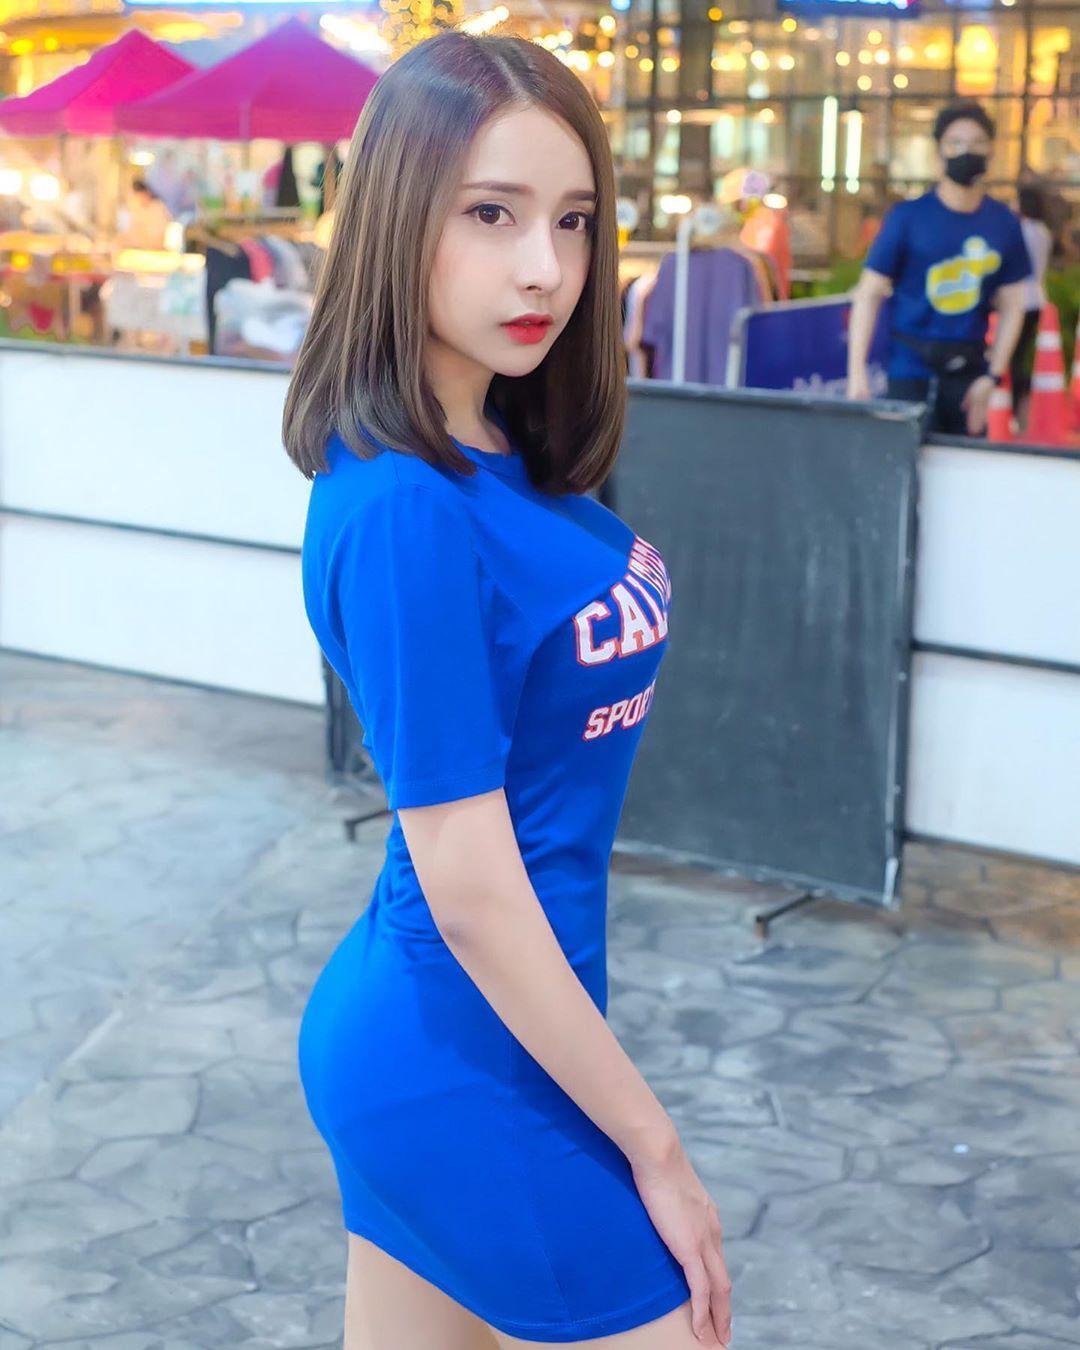 图片[2]-泰国美女绝对领域前凸后翘巨乳奶炮,那方面都是优质的!-福利巴士